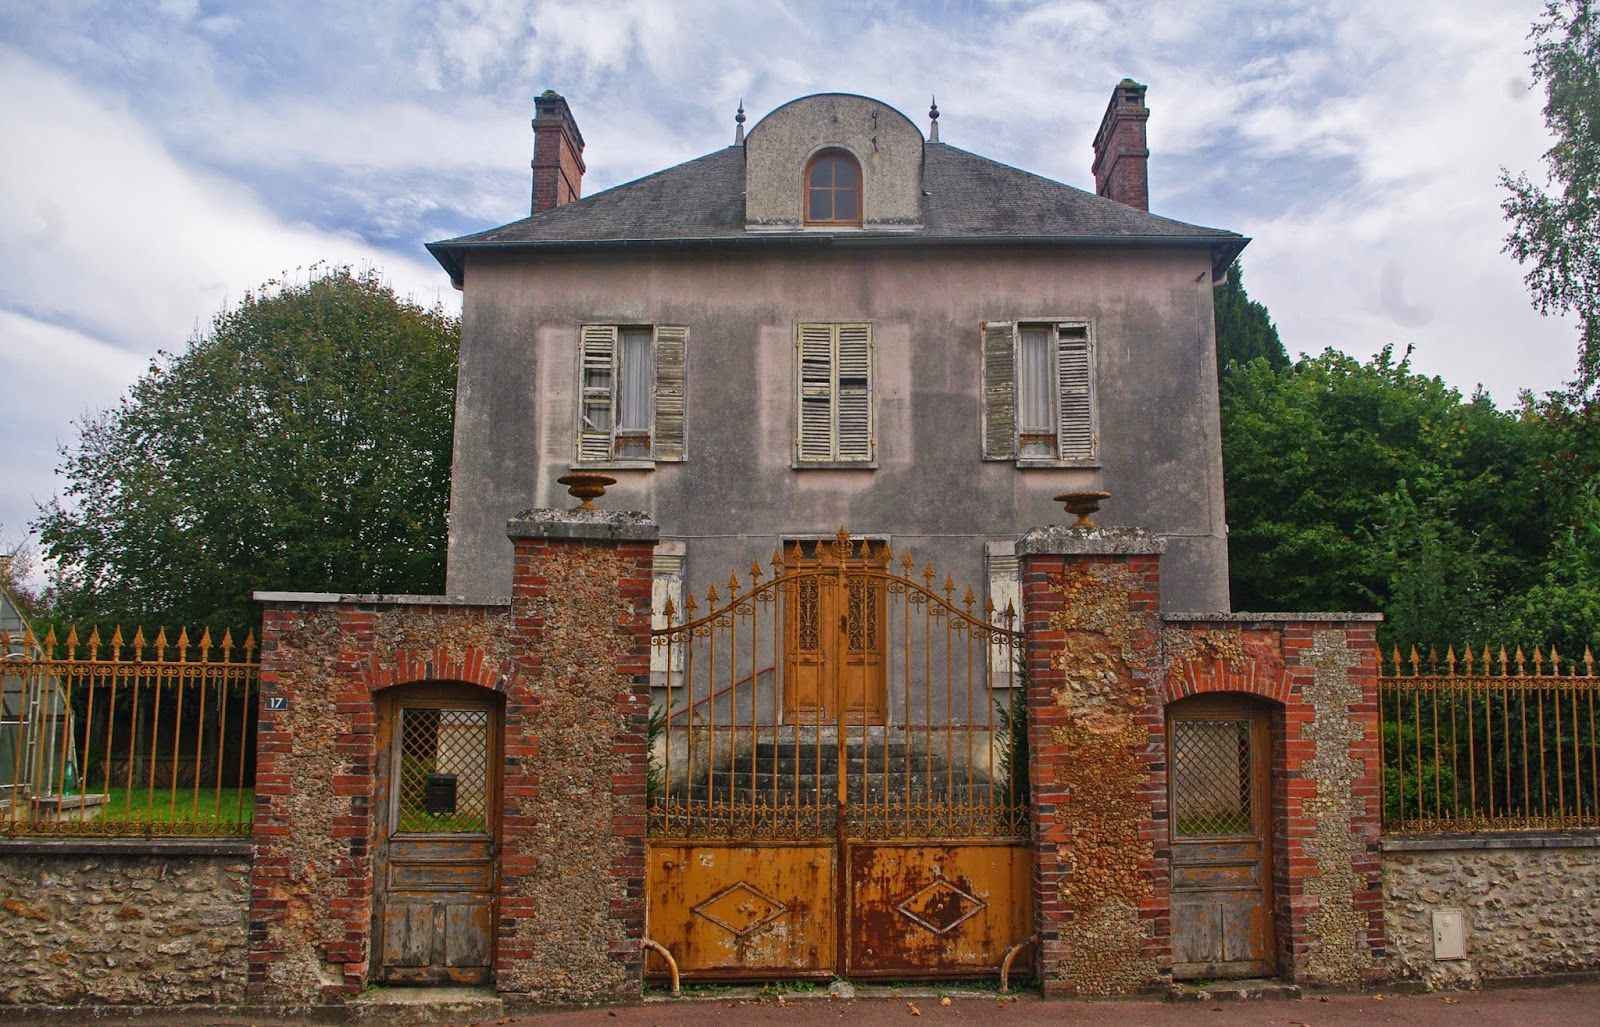 Maison abandonnée rue principale du village les granges le roi france